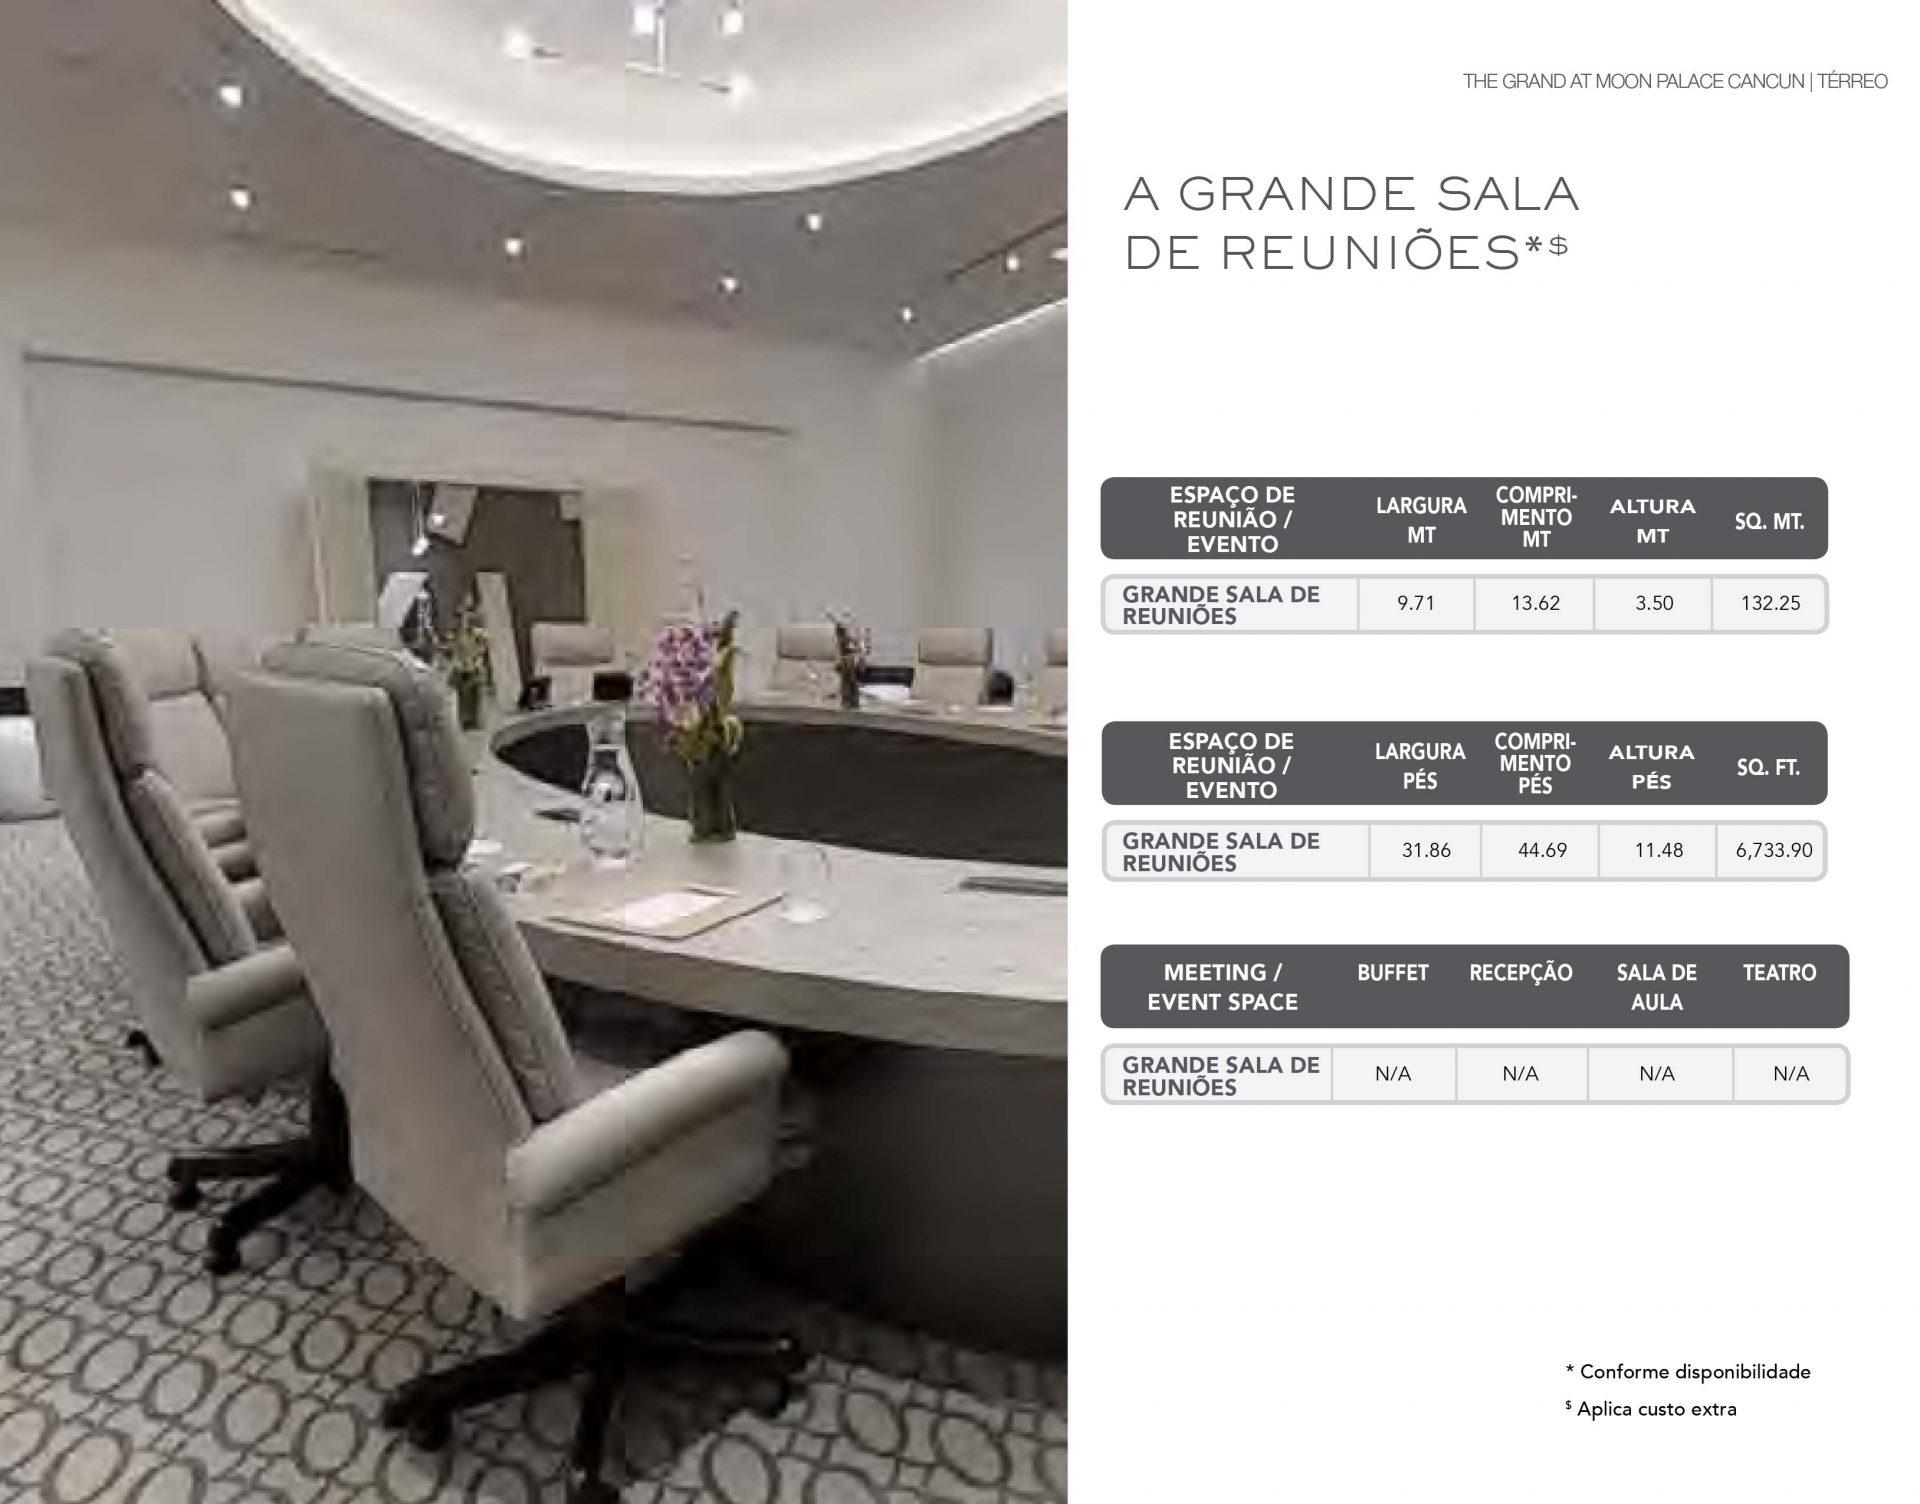 Informações técnicas da Grande Sala de Reuniões